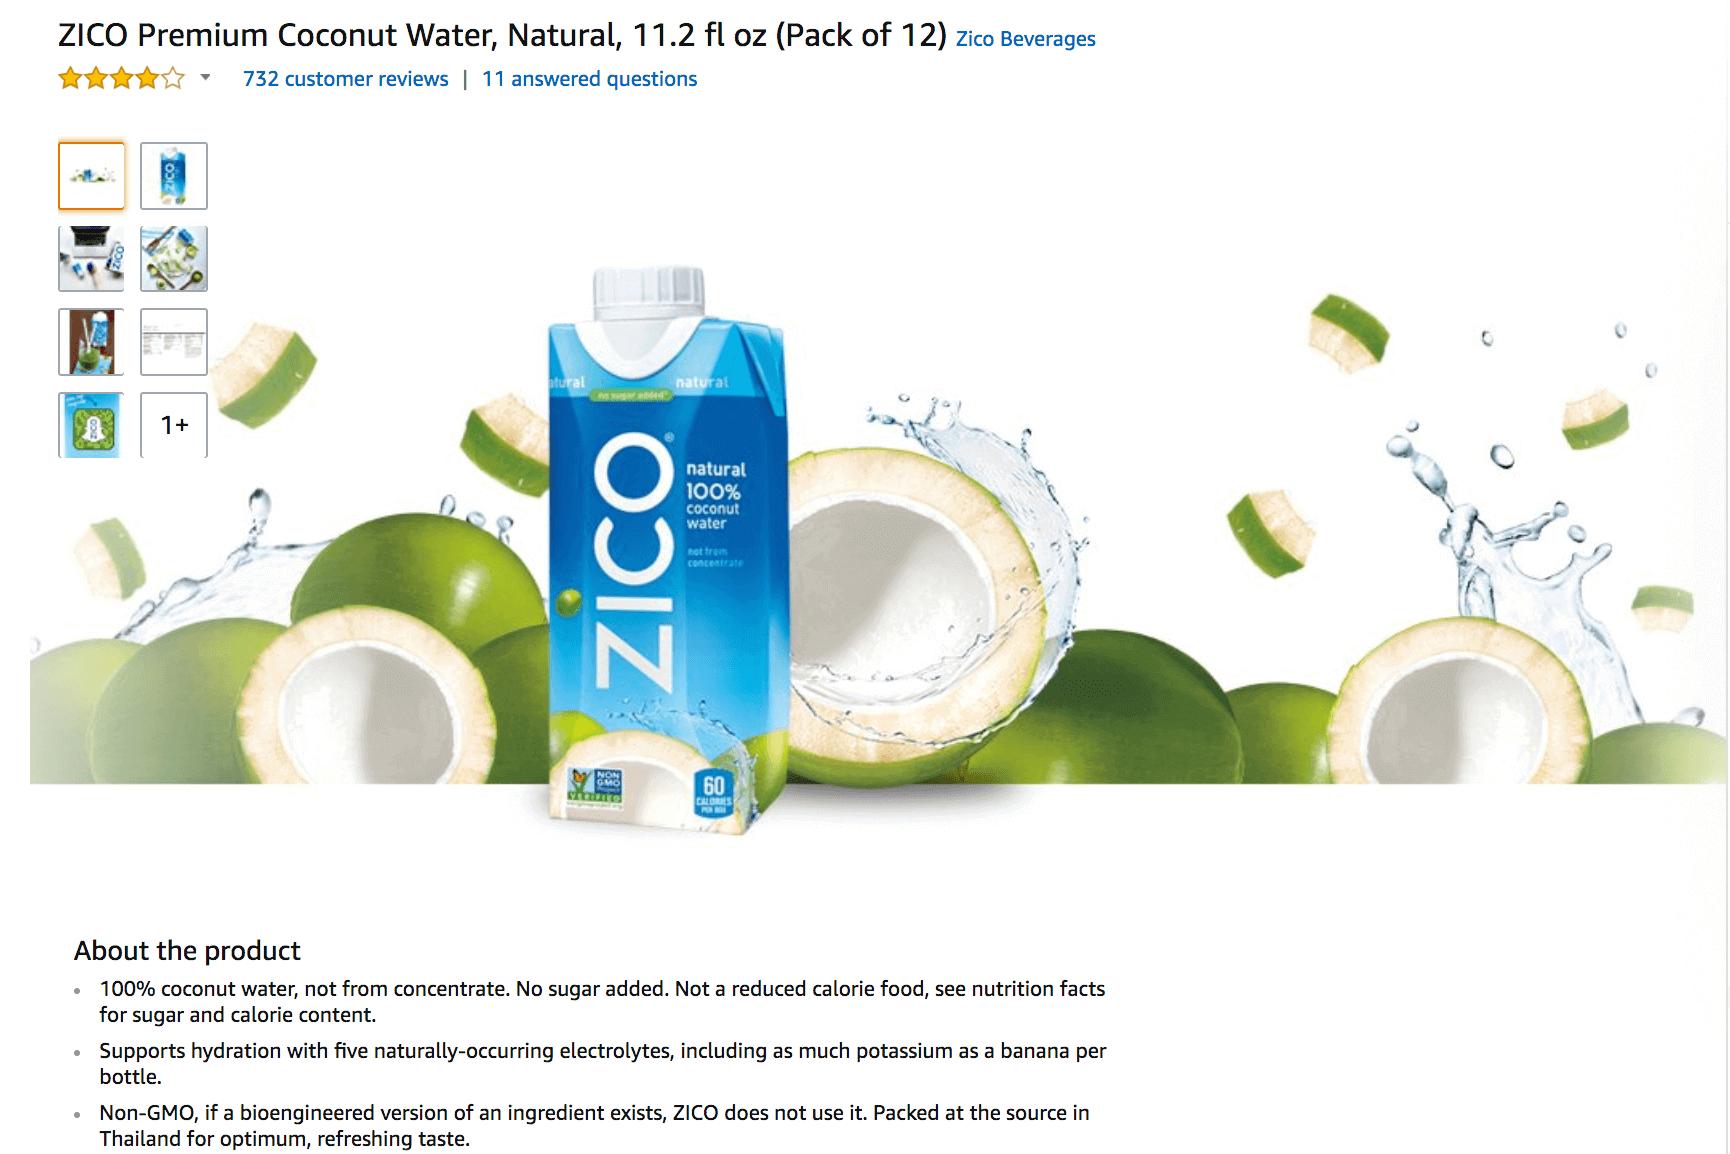 Amazon Brand Content example